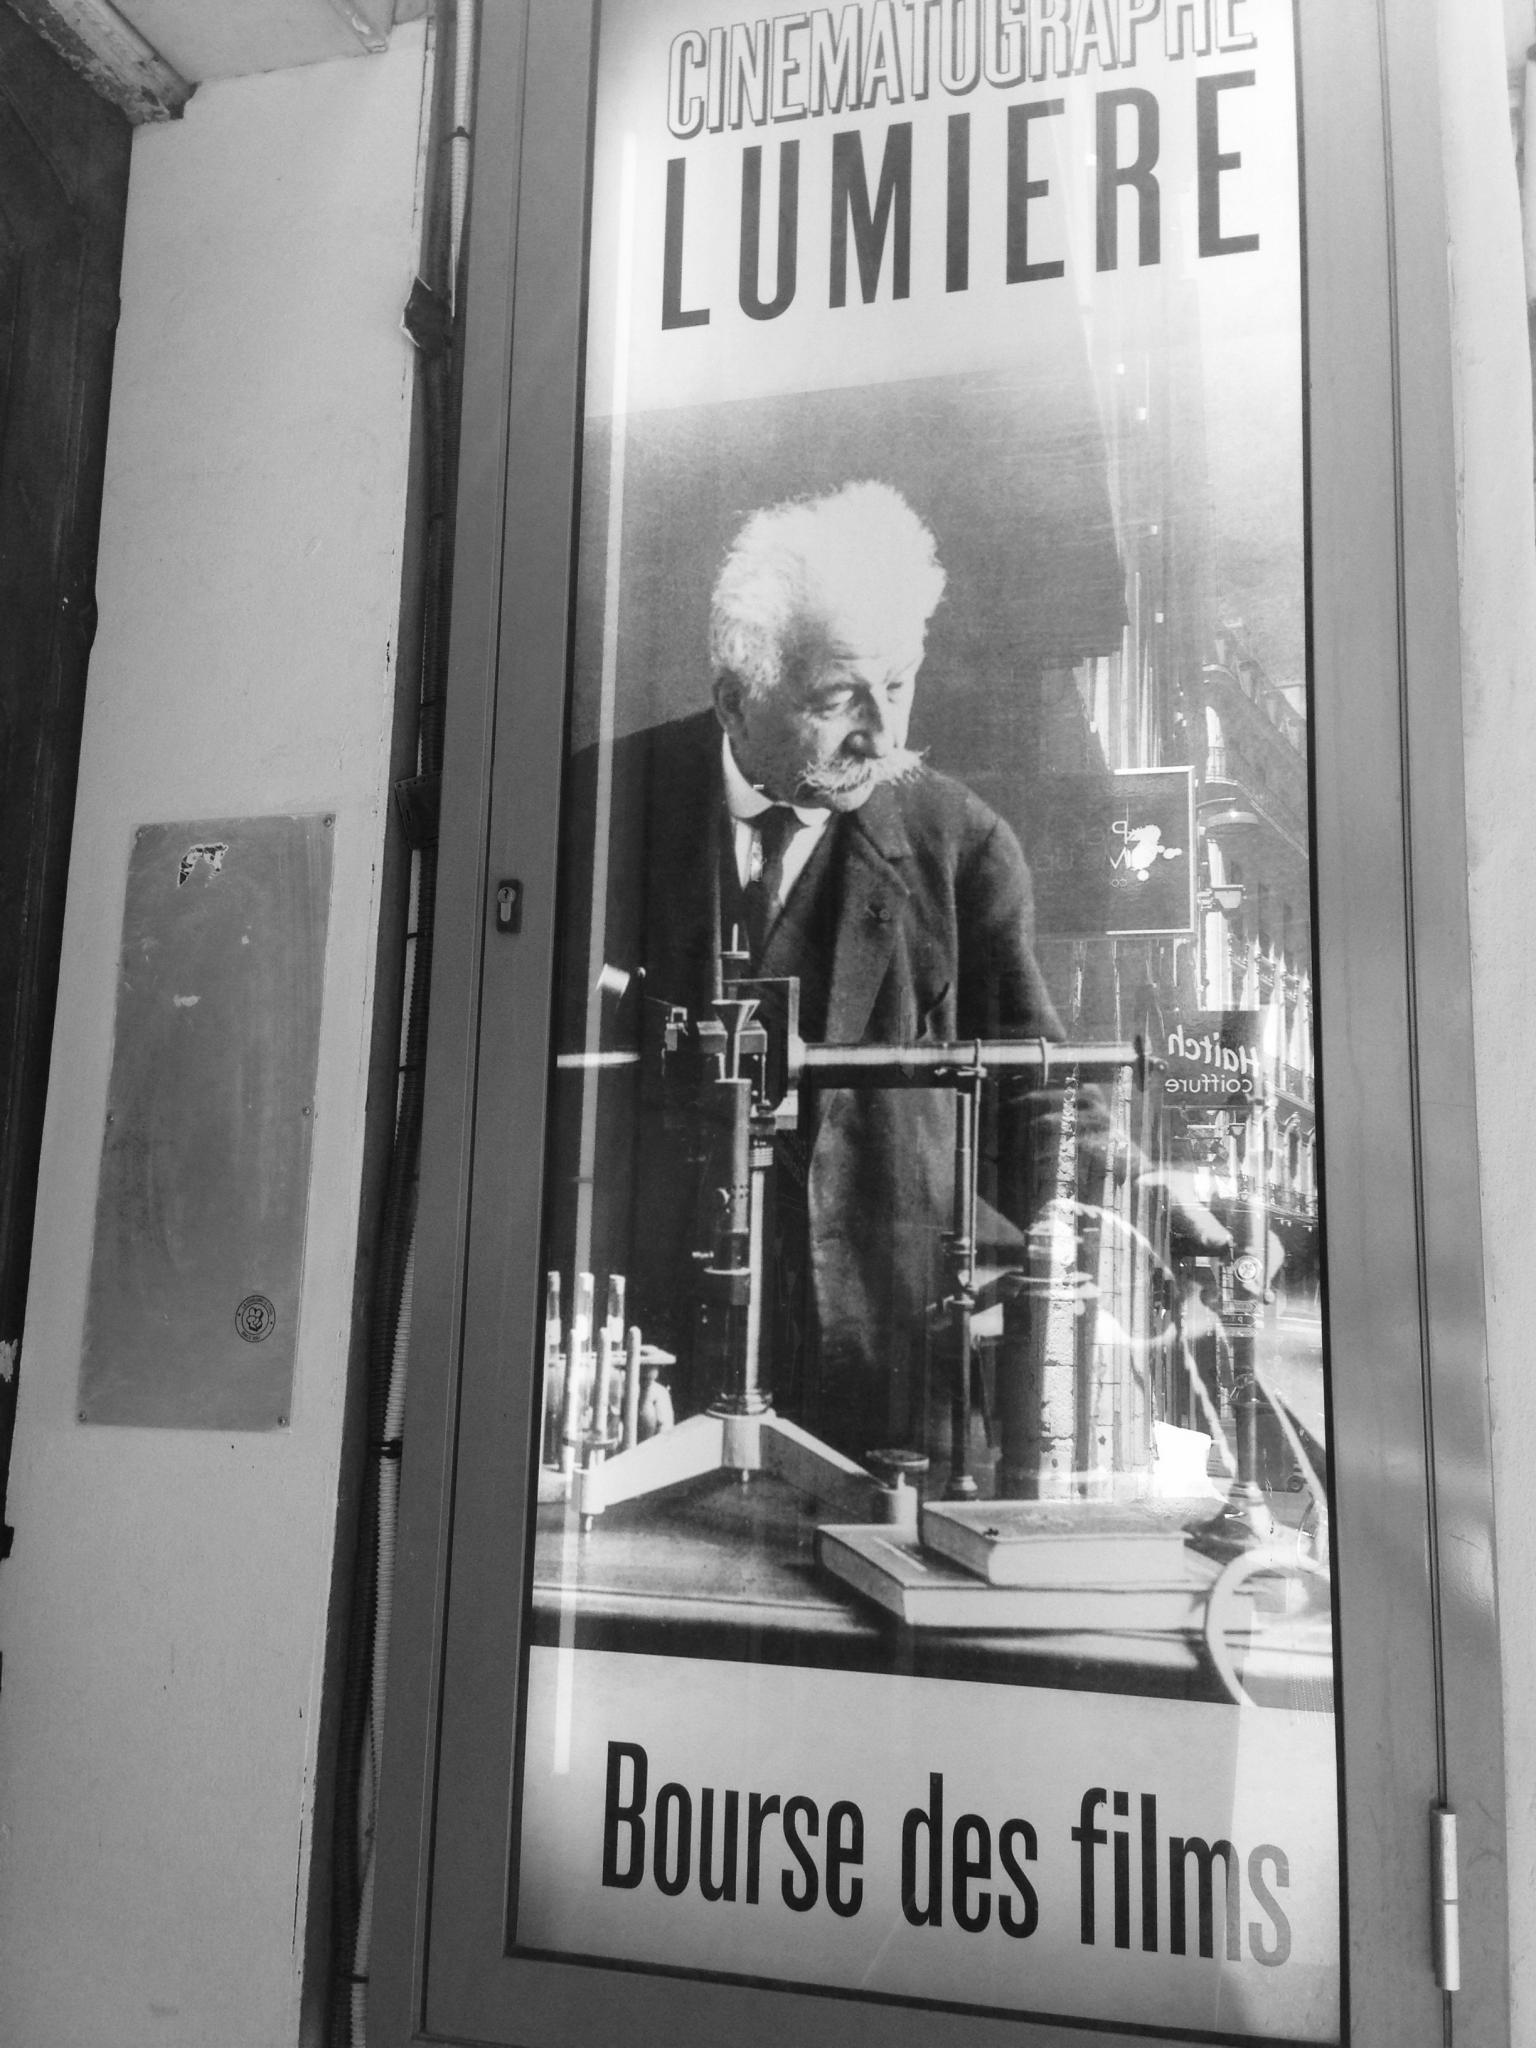 bourse des films rue lanterne à Lyon